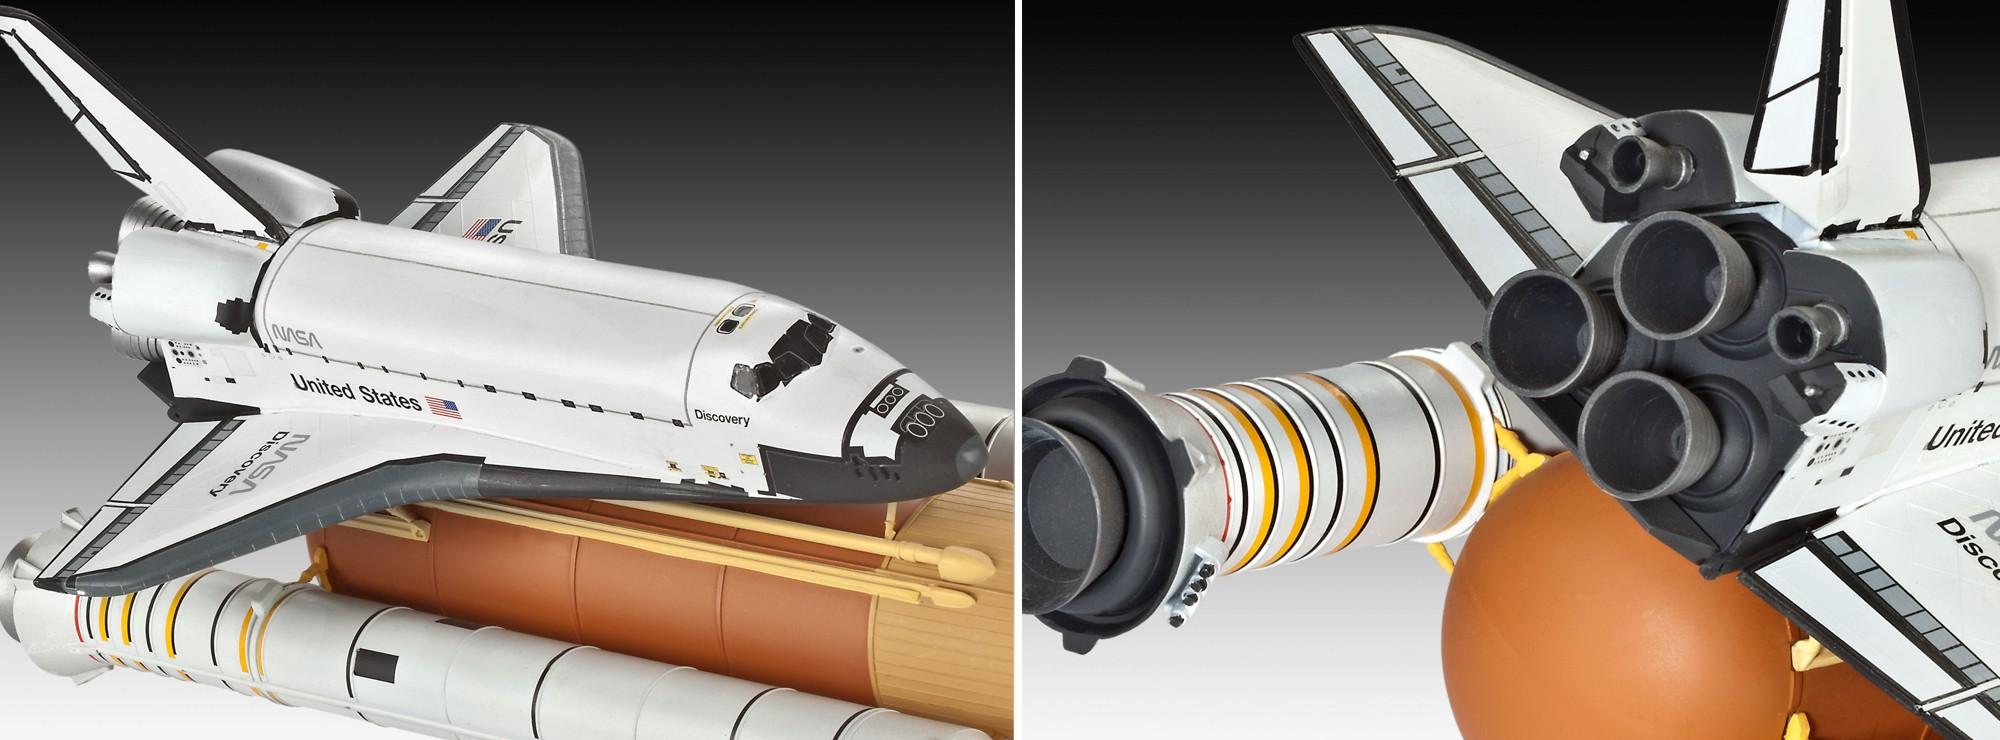 space shuttle kosten - photo #8